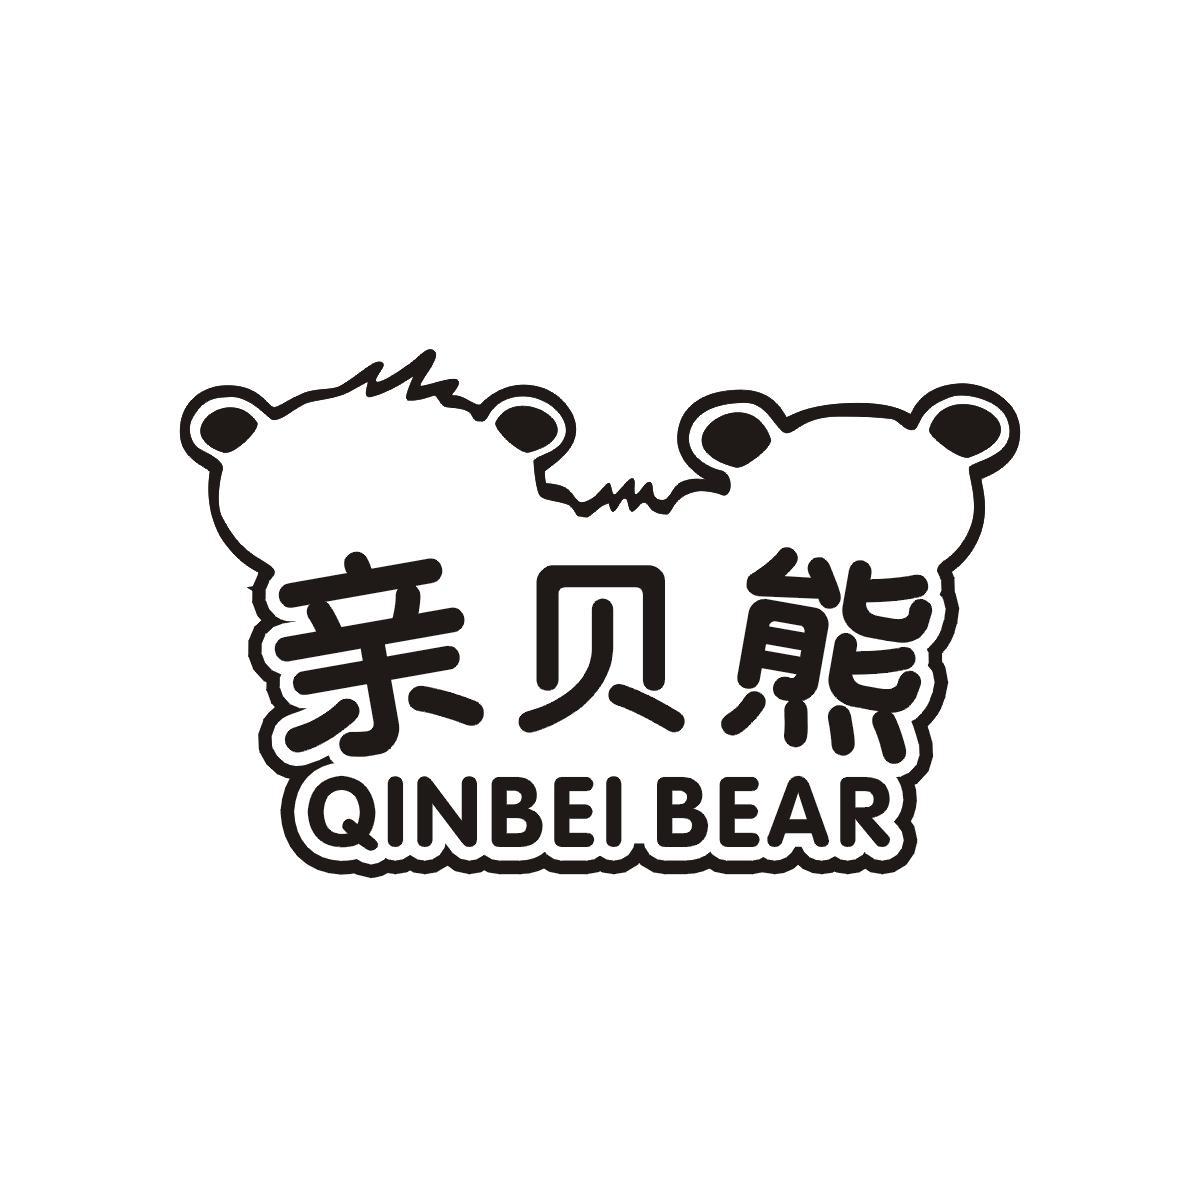 亲贝熊 QINBEI BEAR